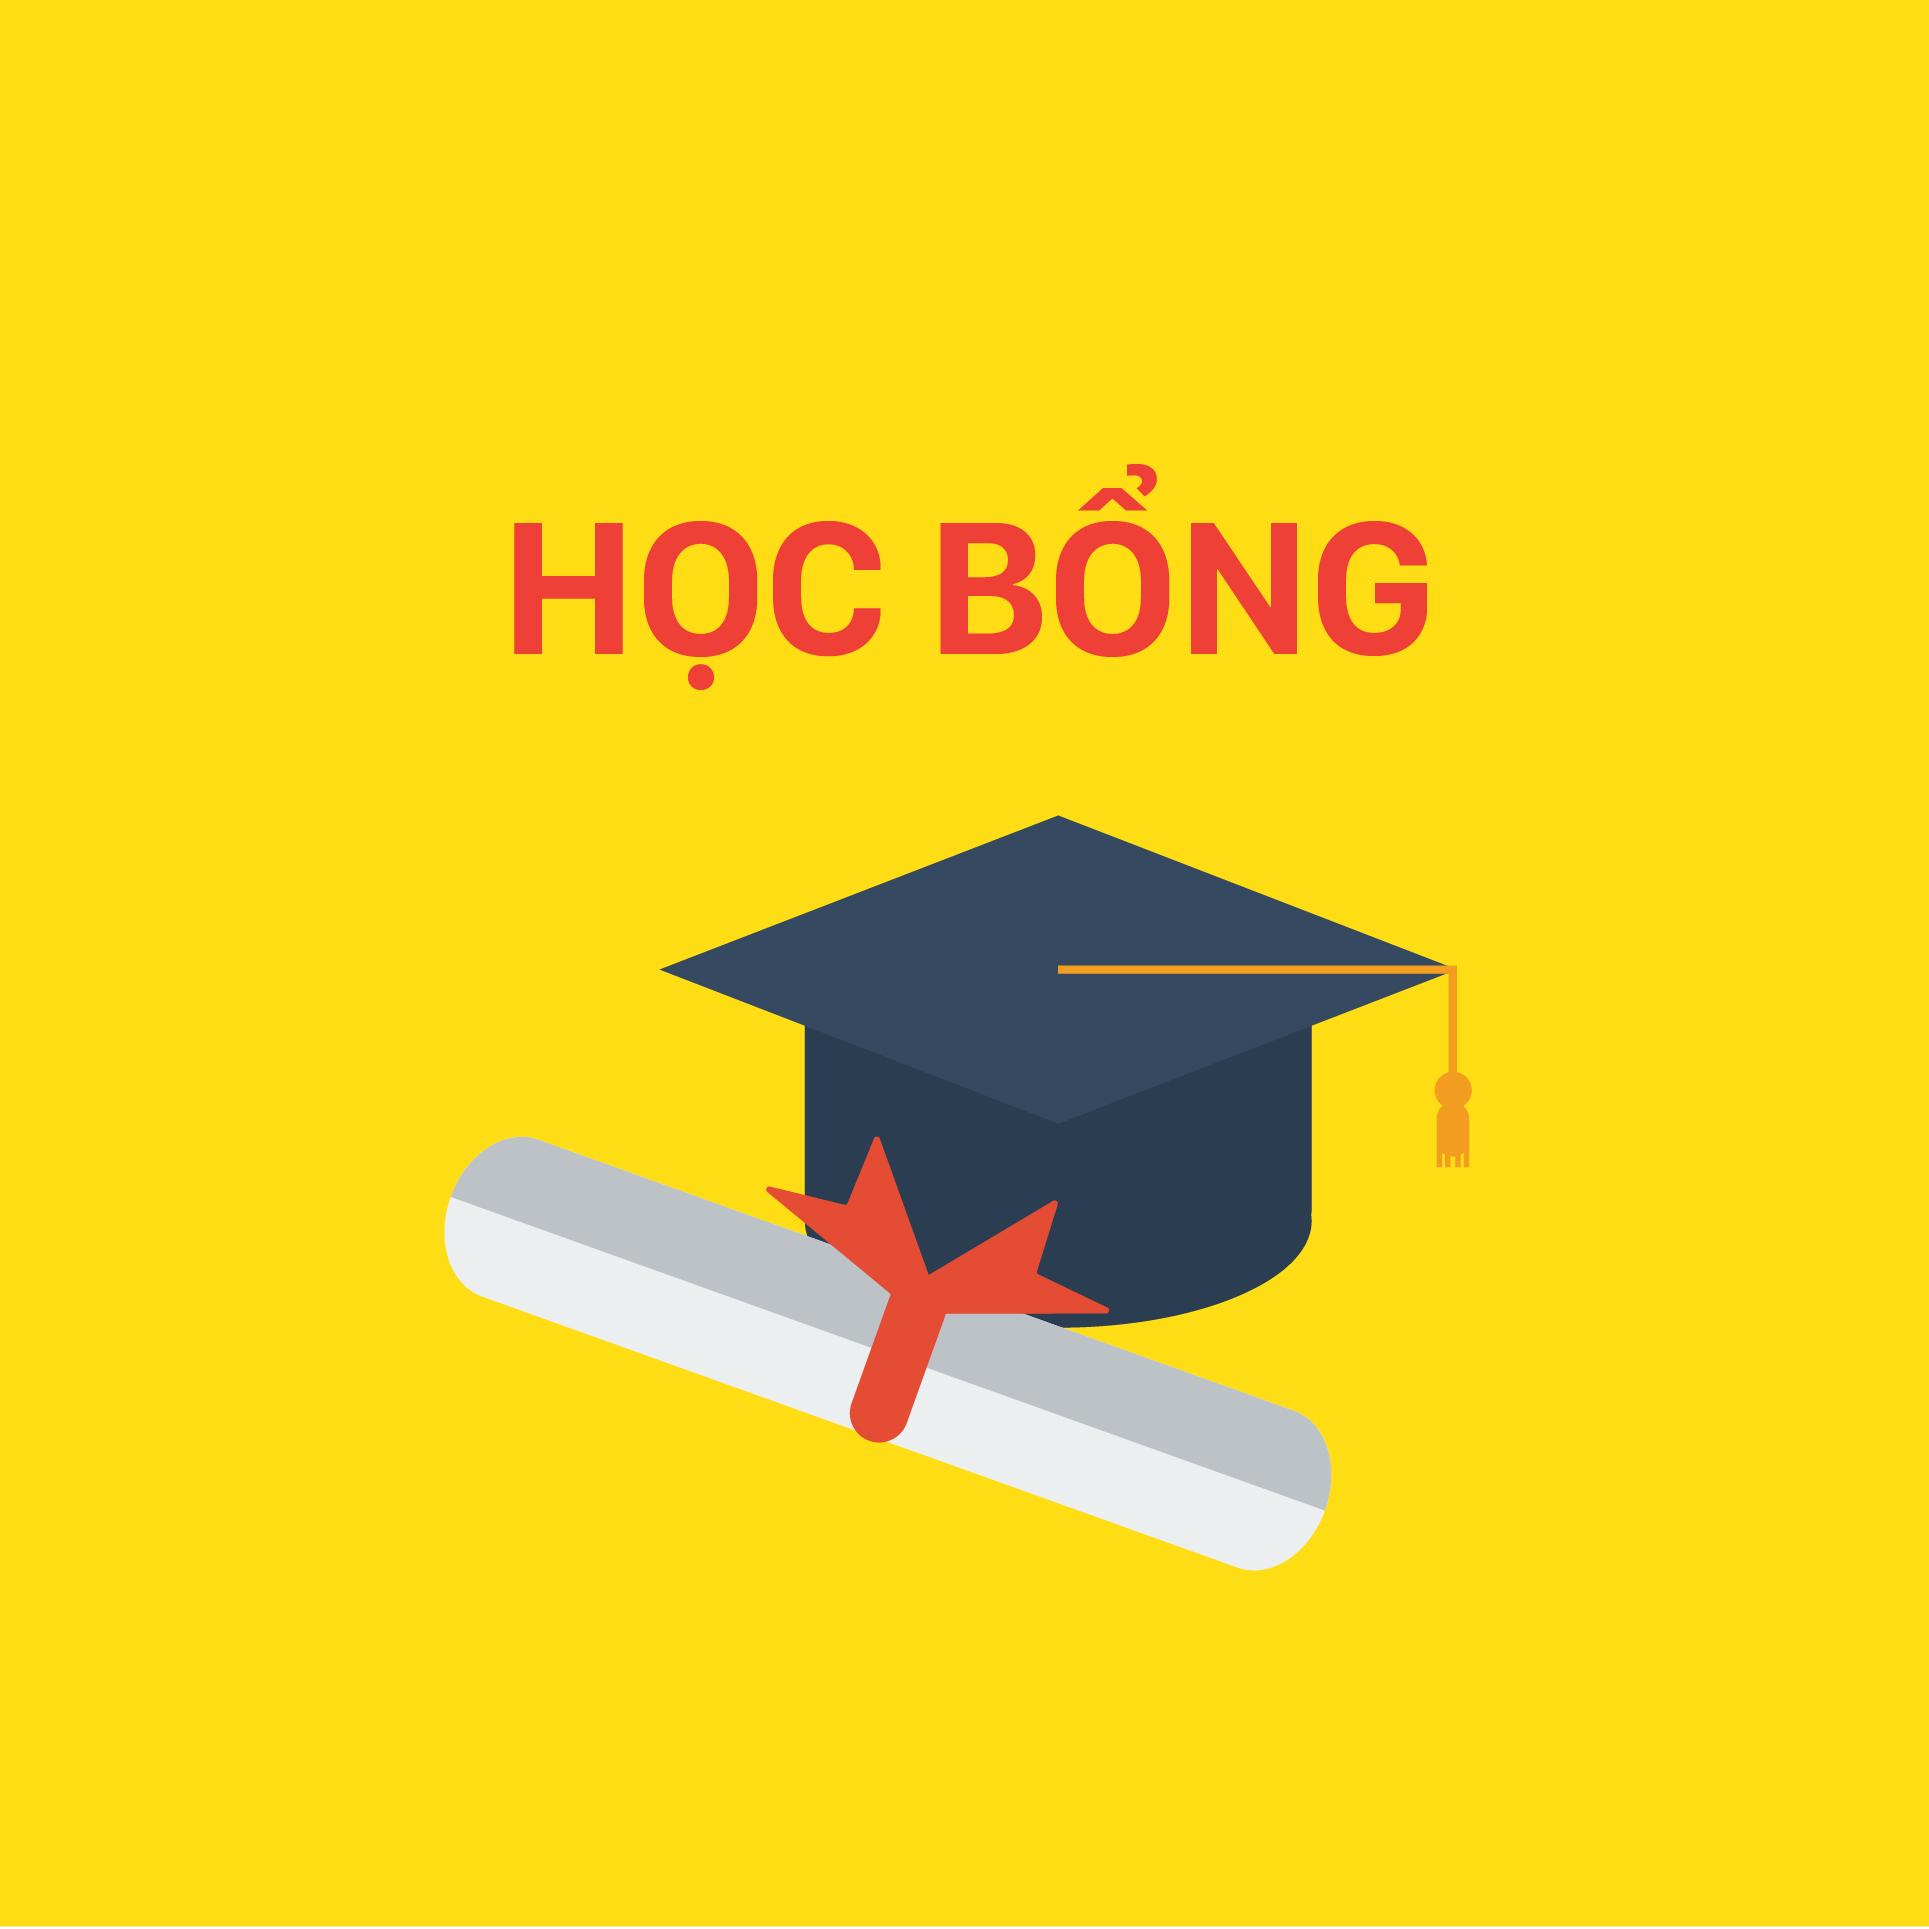 """HỌC BỔNG """"TIẾP SỨC ĐẾN TRƯỜNG"""" NĂM 2019-2020 (Dành cho sinh viên bị ảnh hưởng do dịch covid-19 khu vực TP.HCM)"""